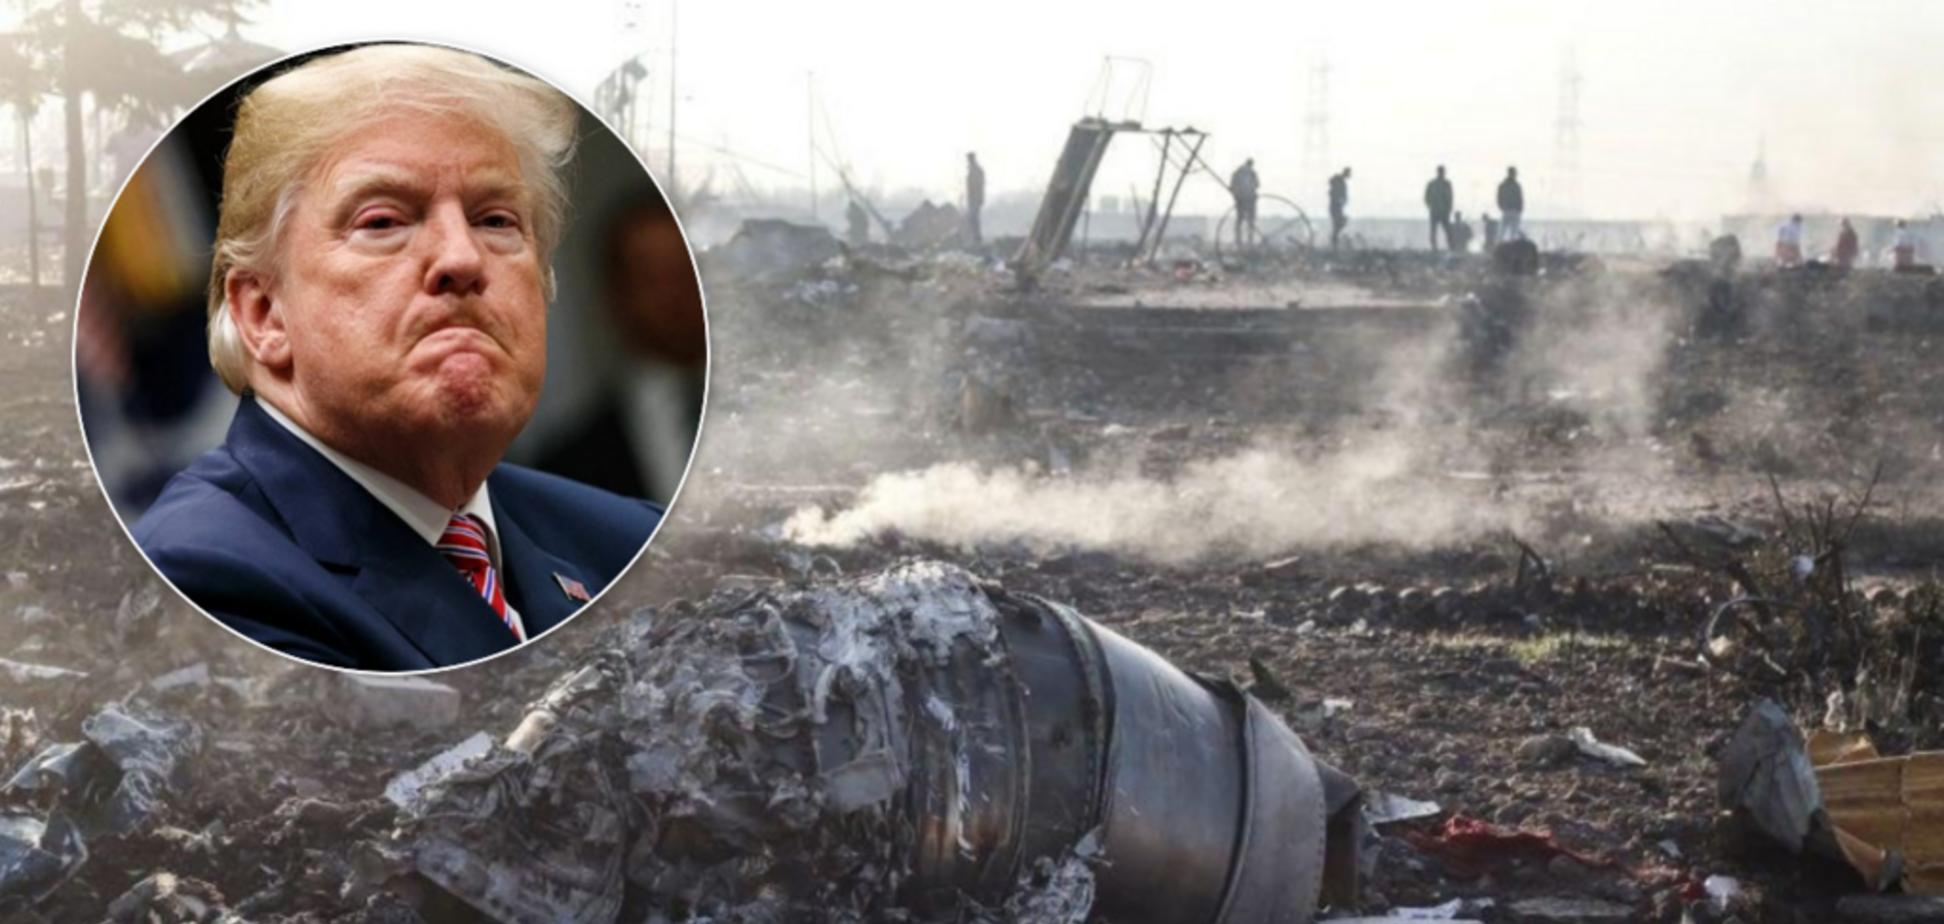 Збили ракетою? Трамп зробив гучну заяву про катастрофу літака МАУ в Ірані